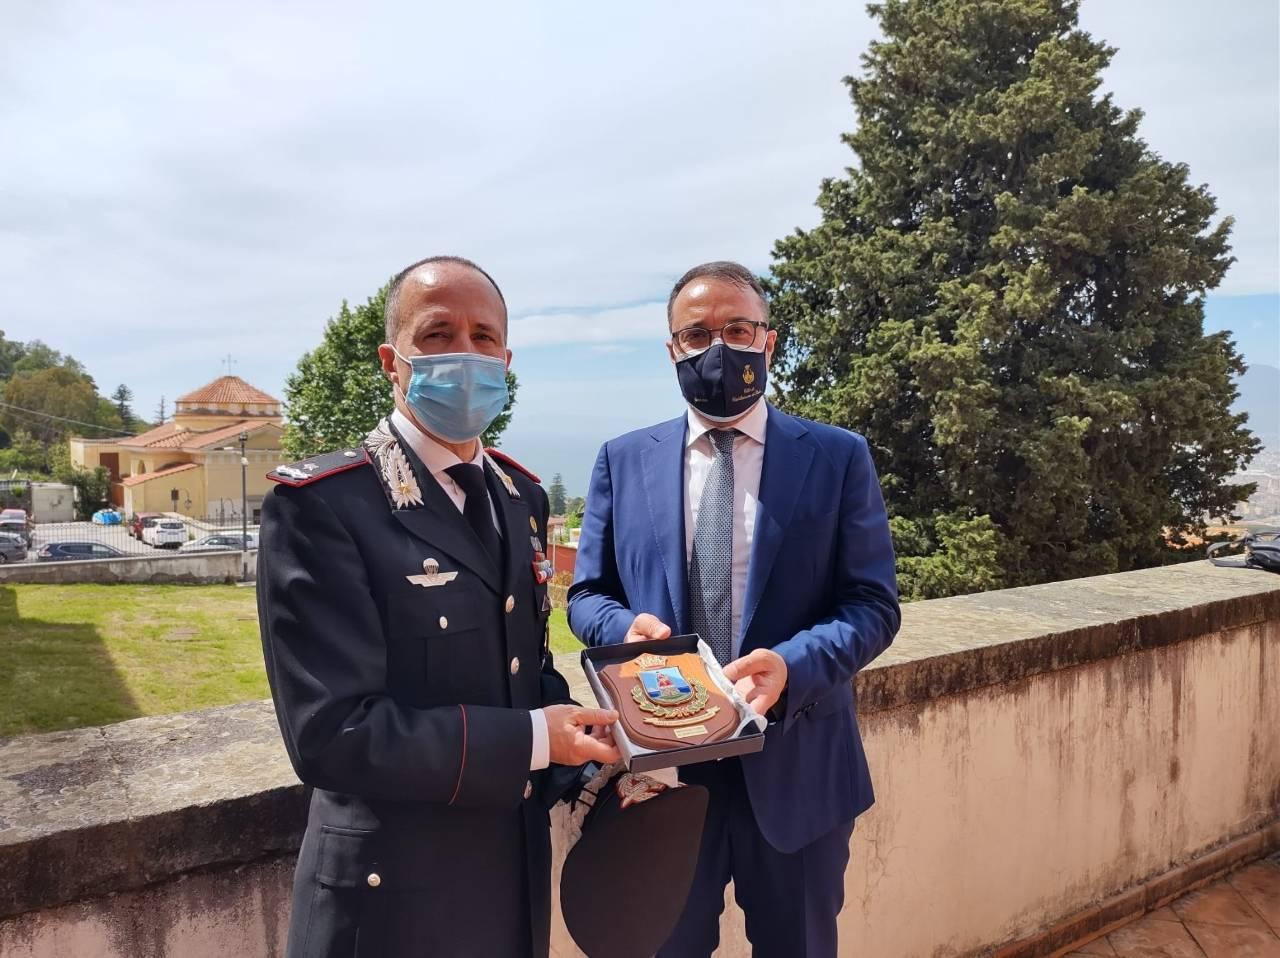 Consegna affreschi Castellammare di Stabia - Foto Facebook del sindaco Gaetano Cimmino